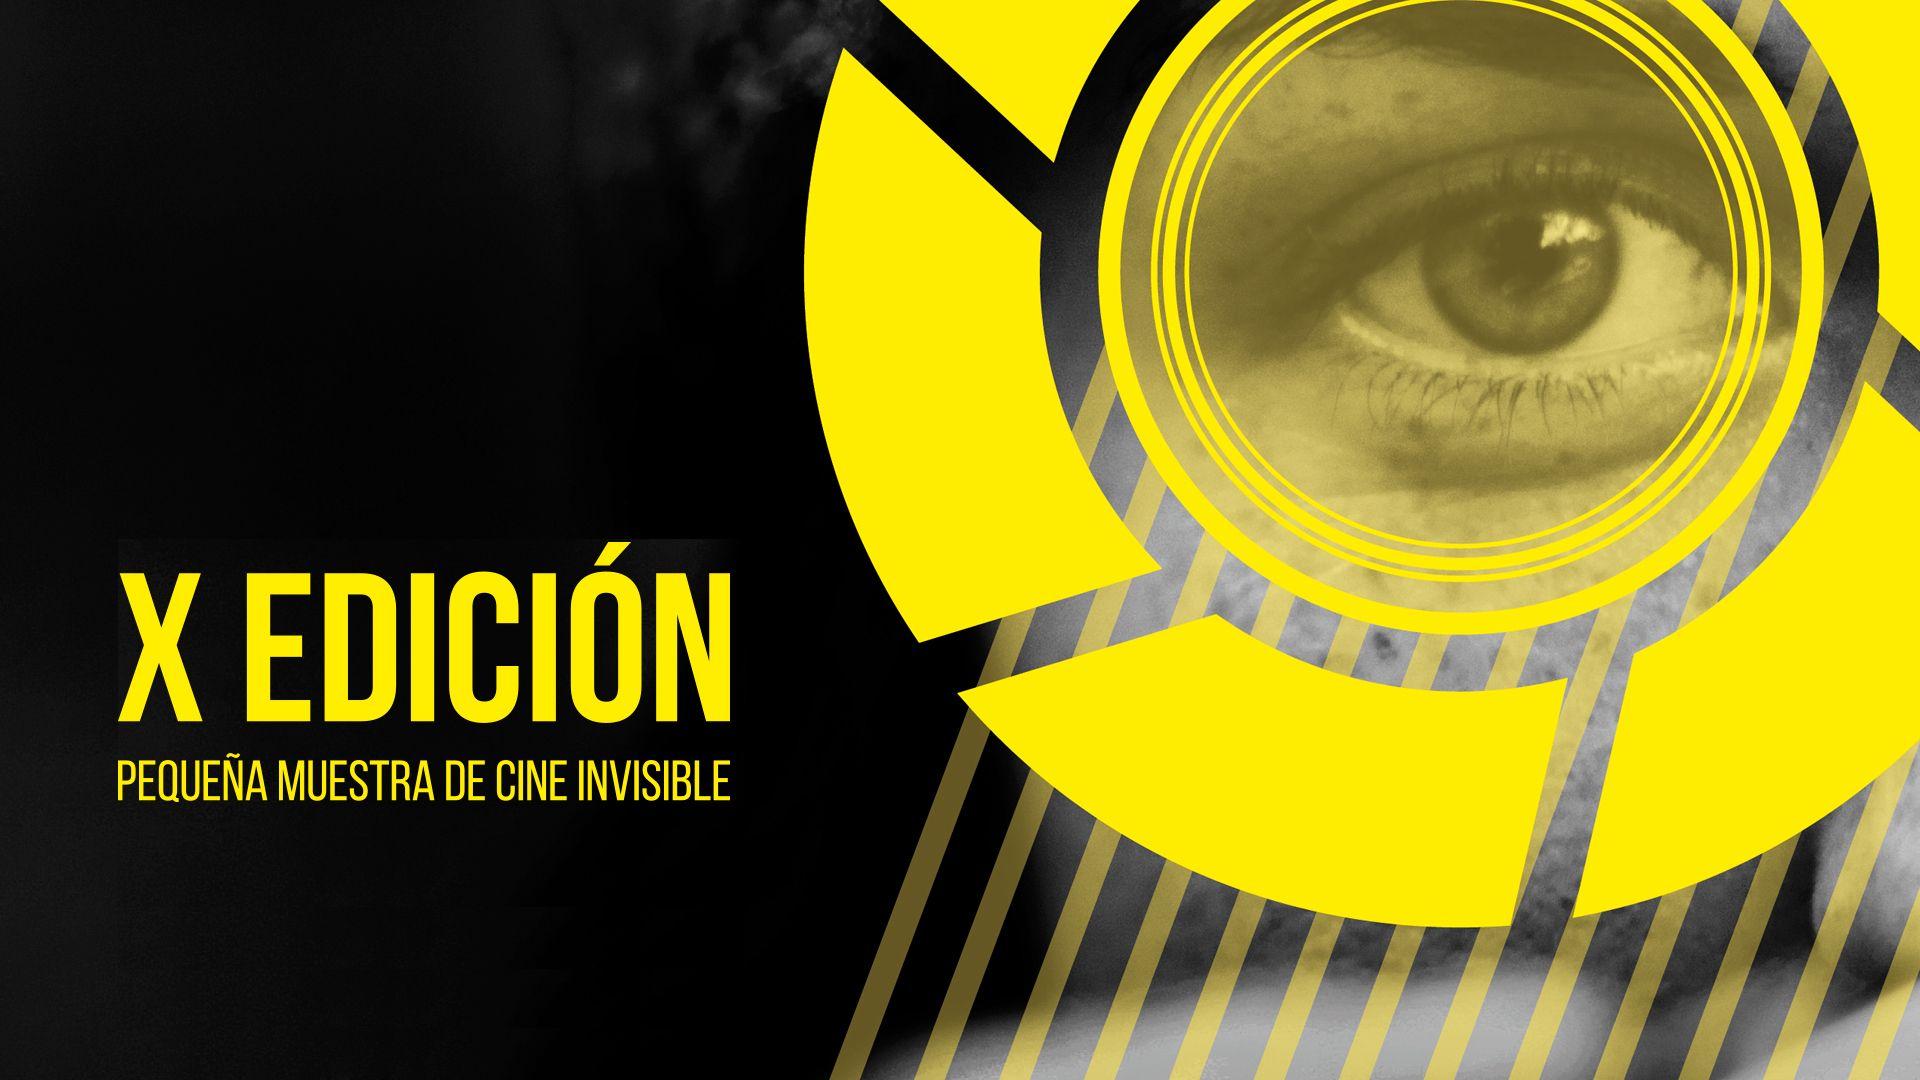 Muestra de cine invisible X edición - Benasque